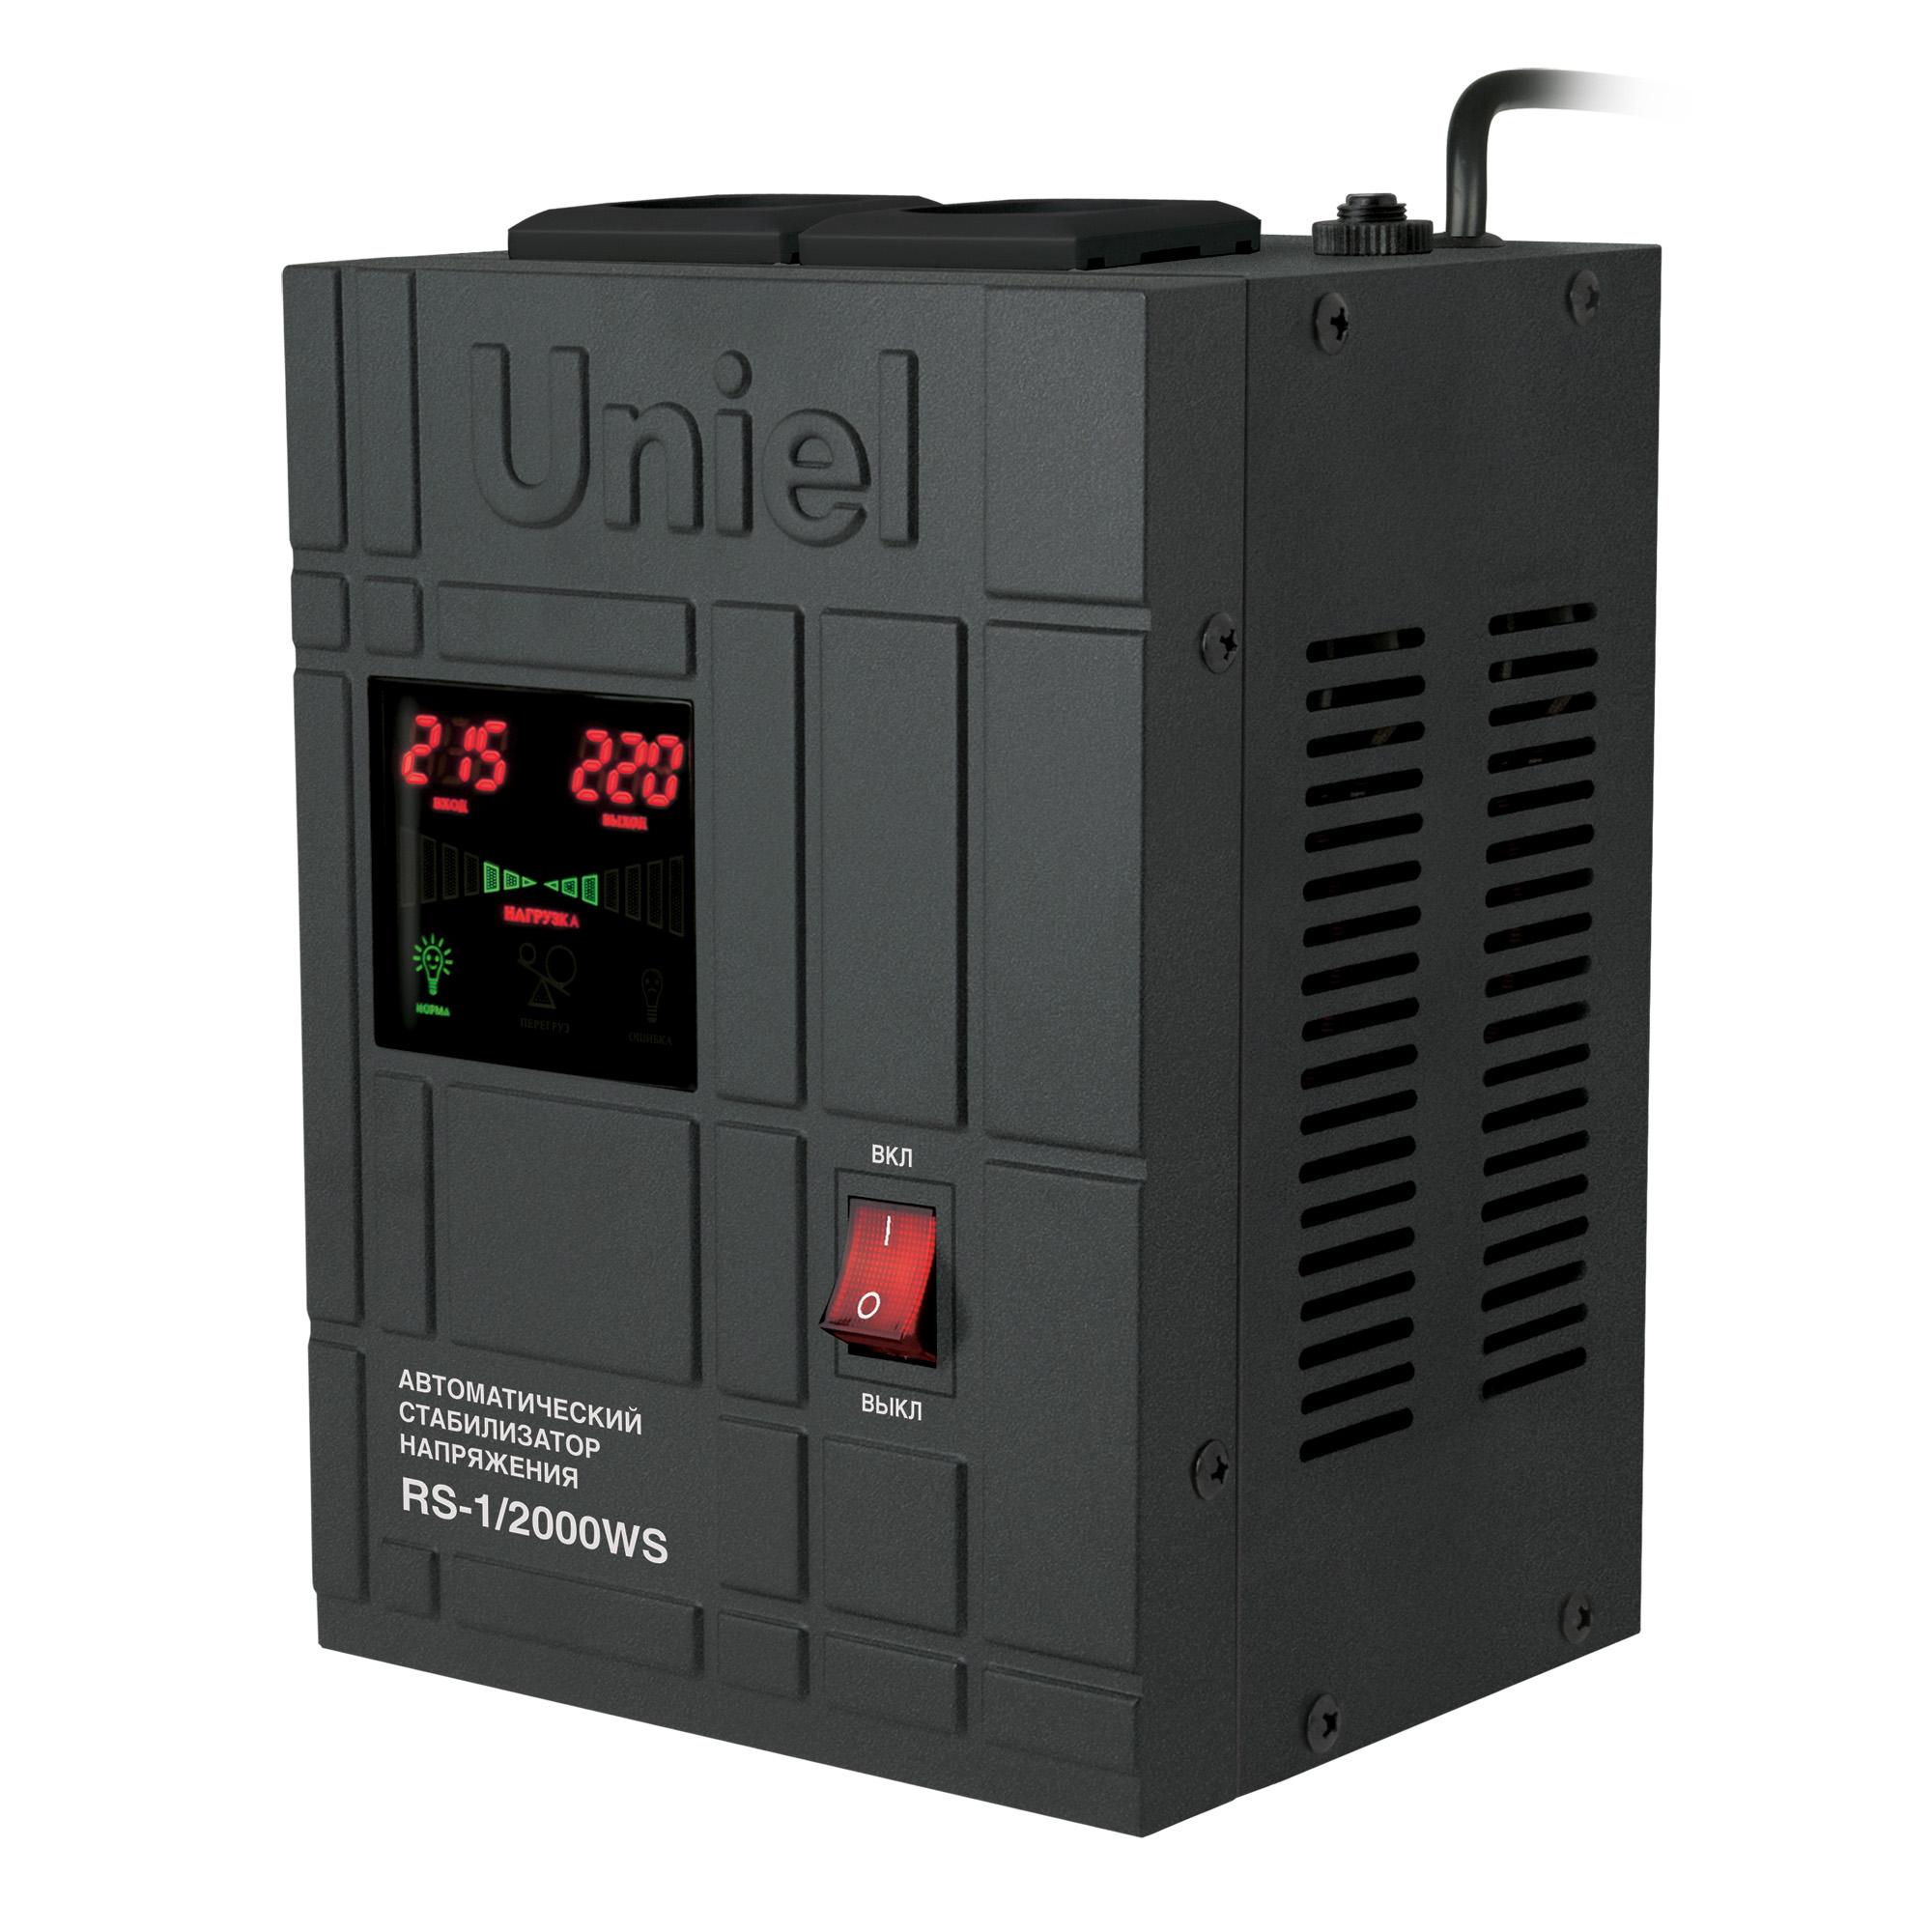 Купить со скидкой Стабилизатор напряжения Uniel Rs-1/2000ws